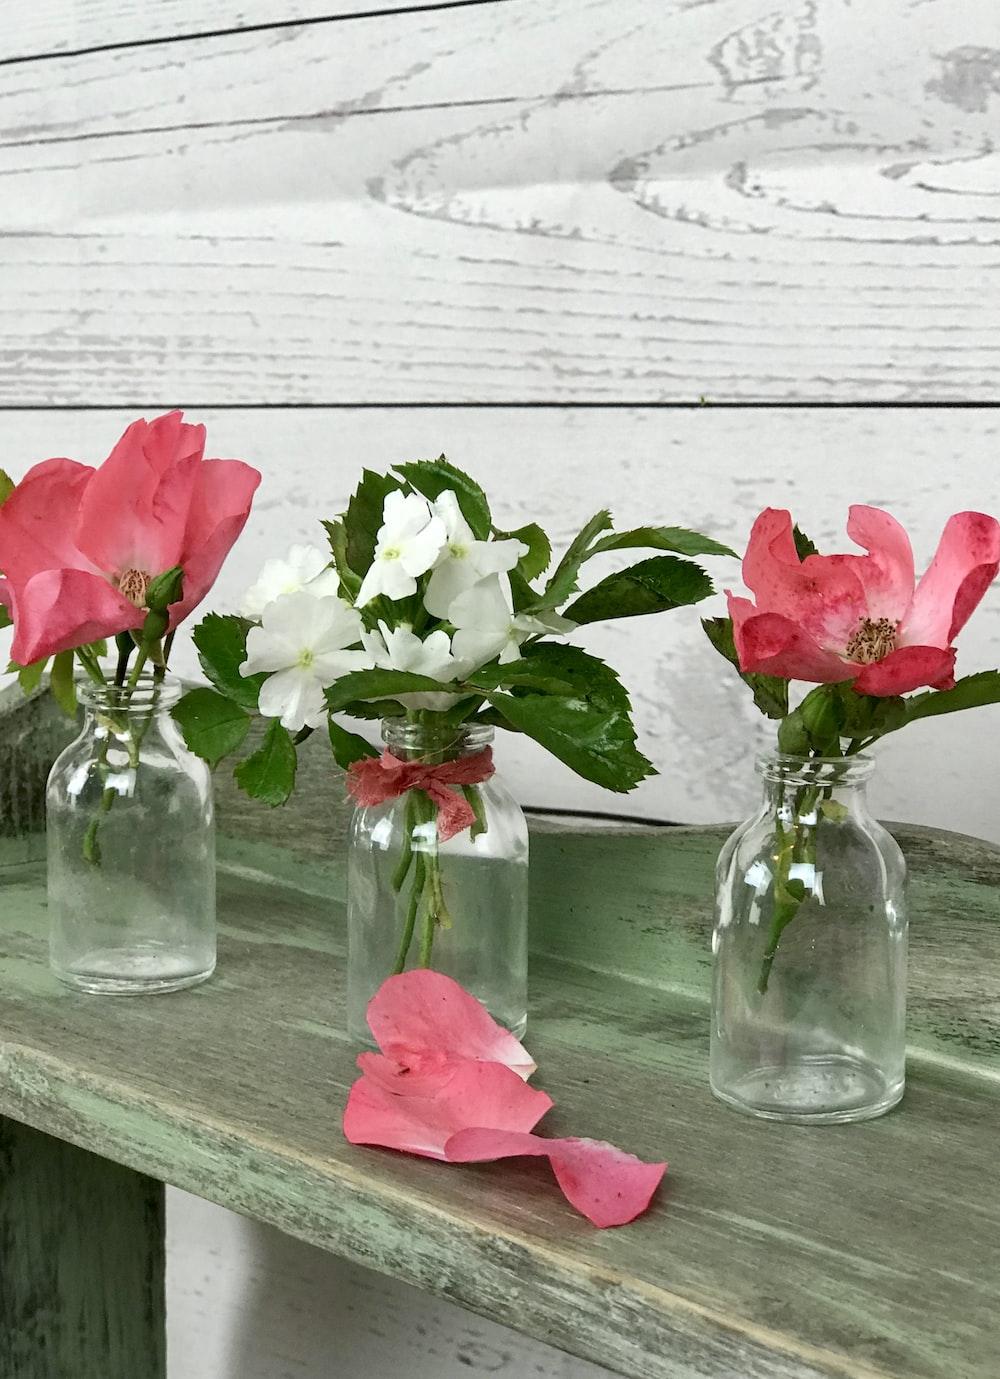 blooming pink rose flowers in vase